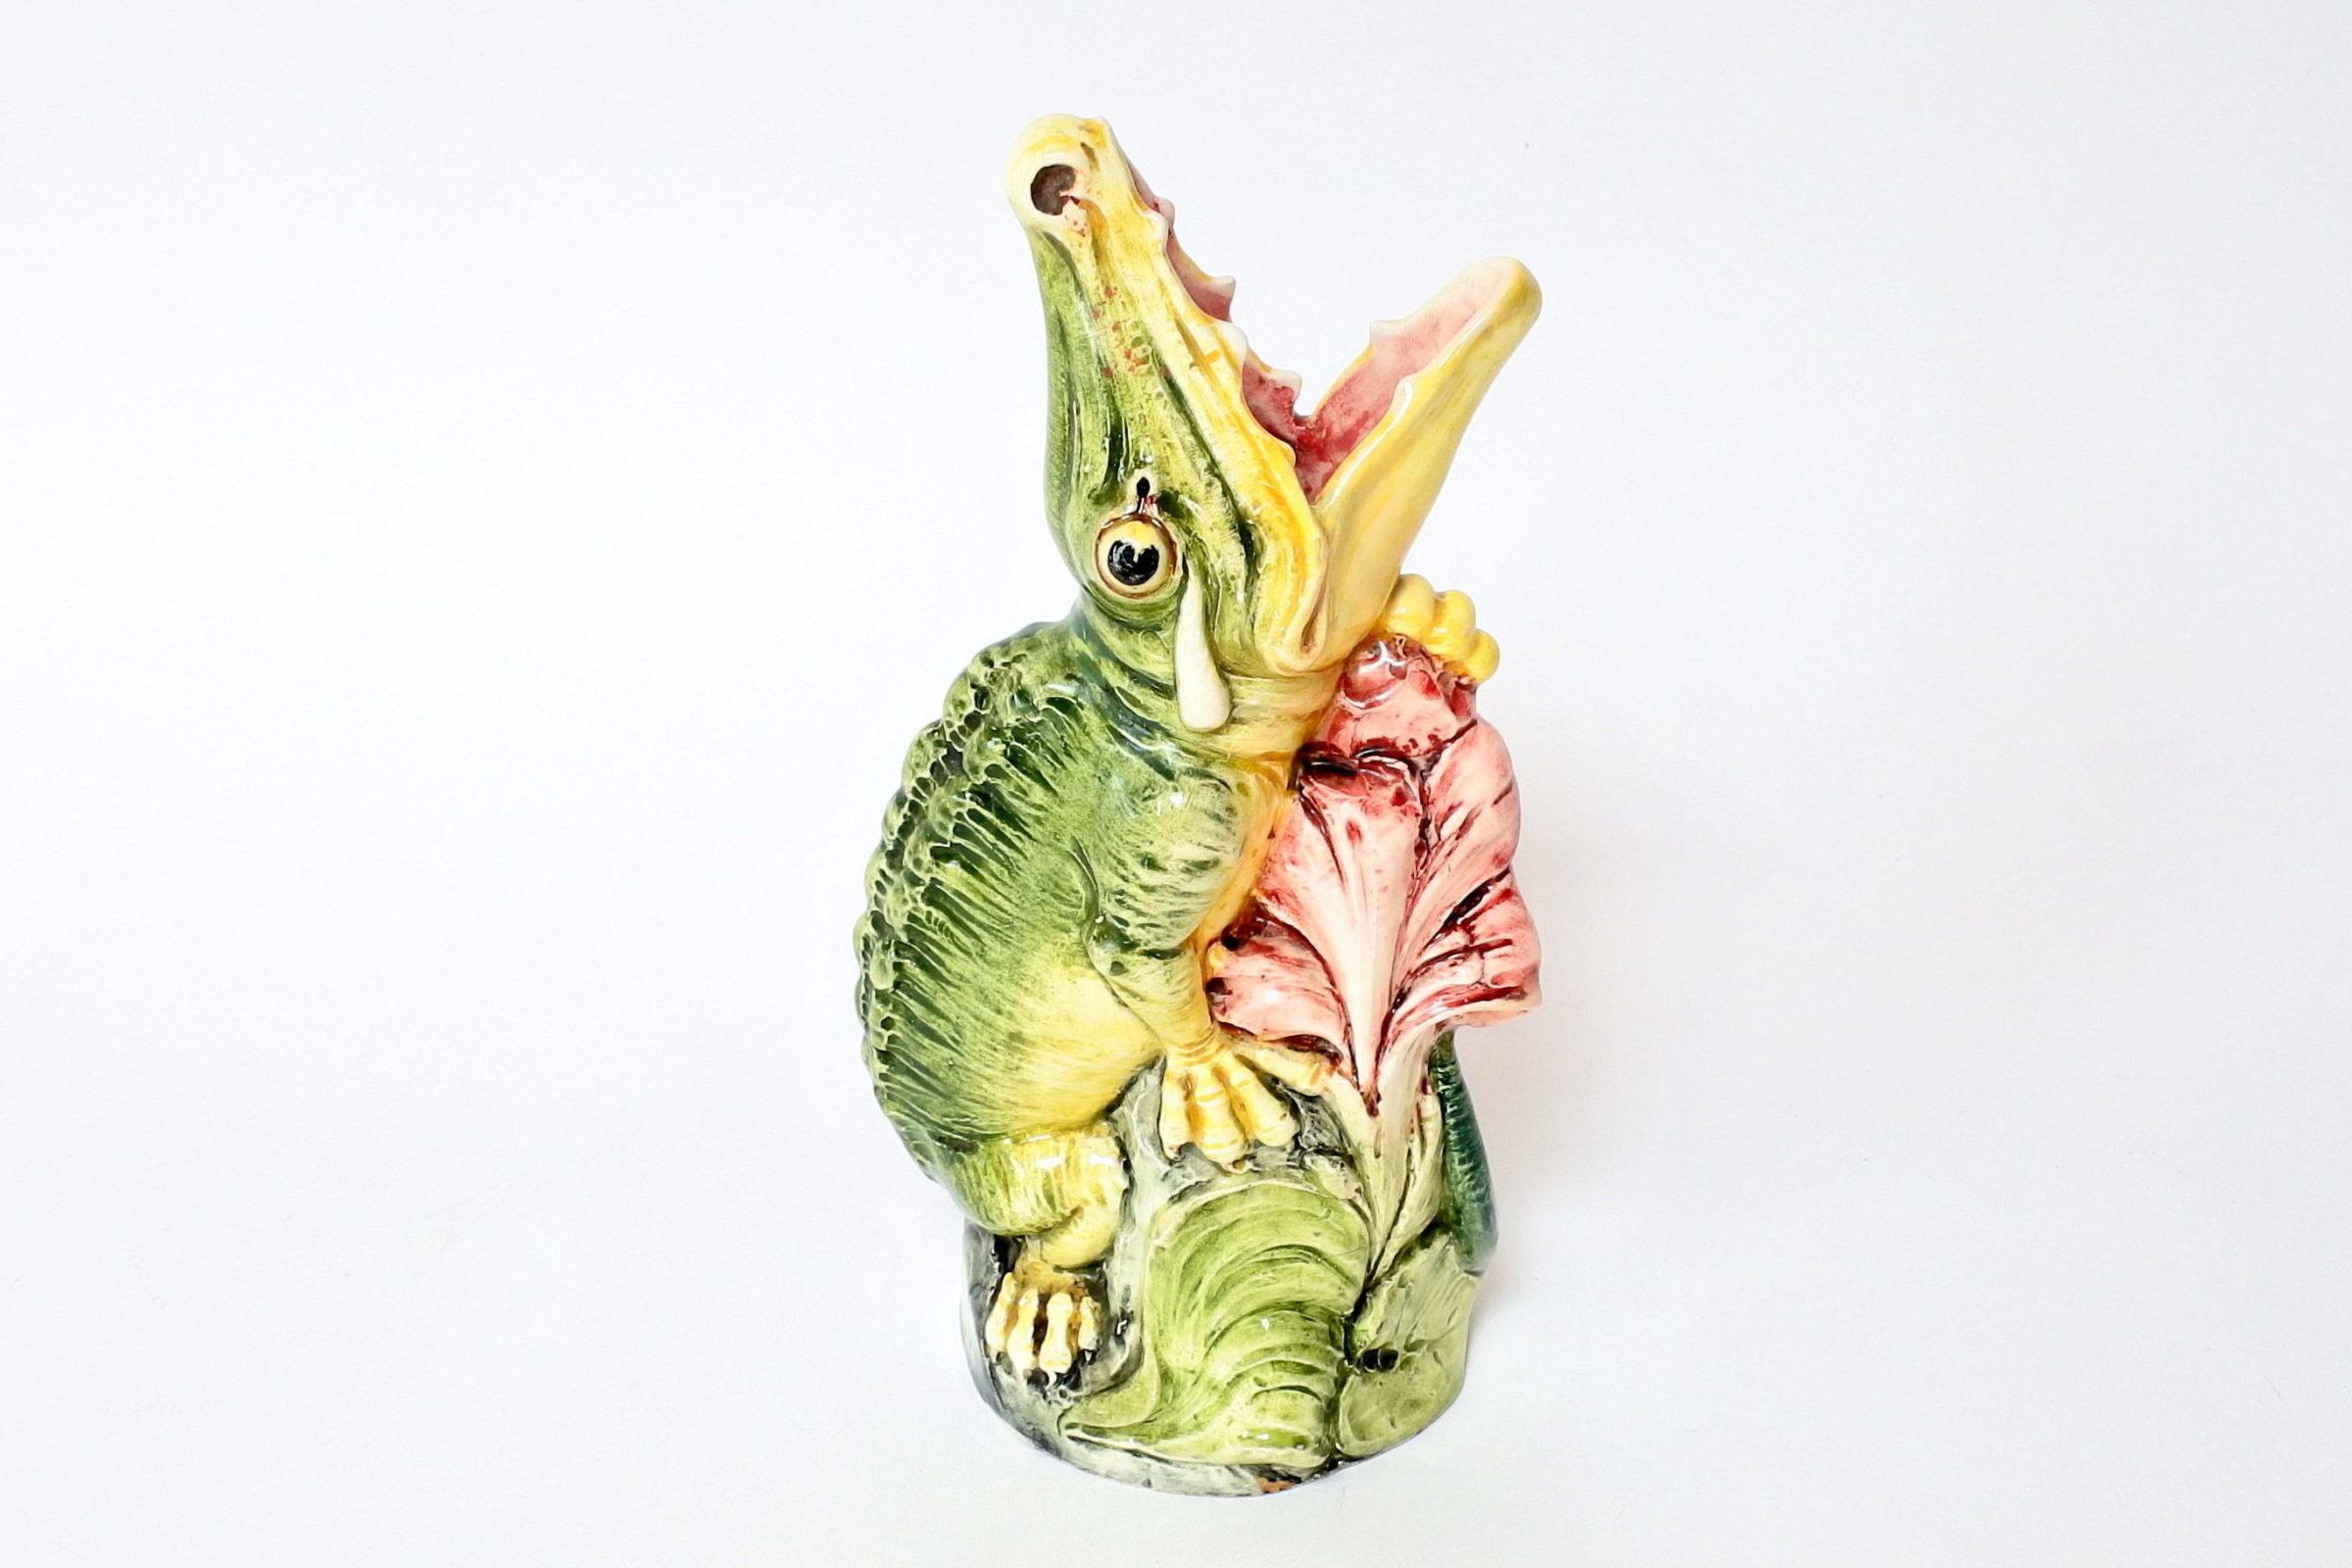 Vaso in ceramica barbotine a forma di coccodrillo con fiore blu frontale - 3